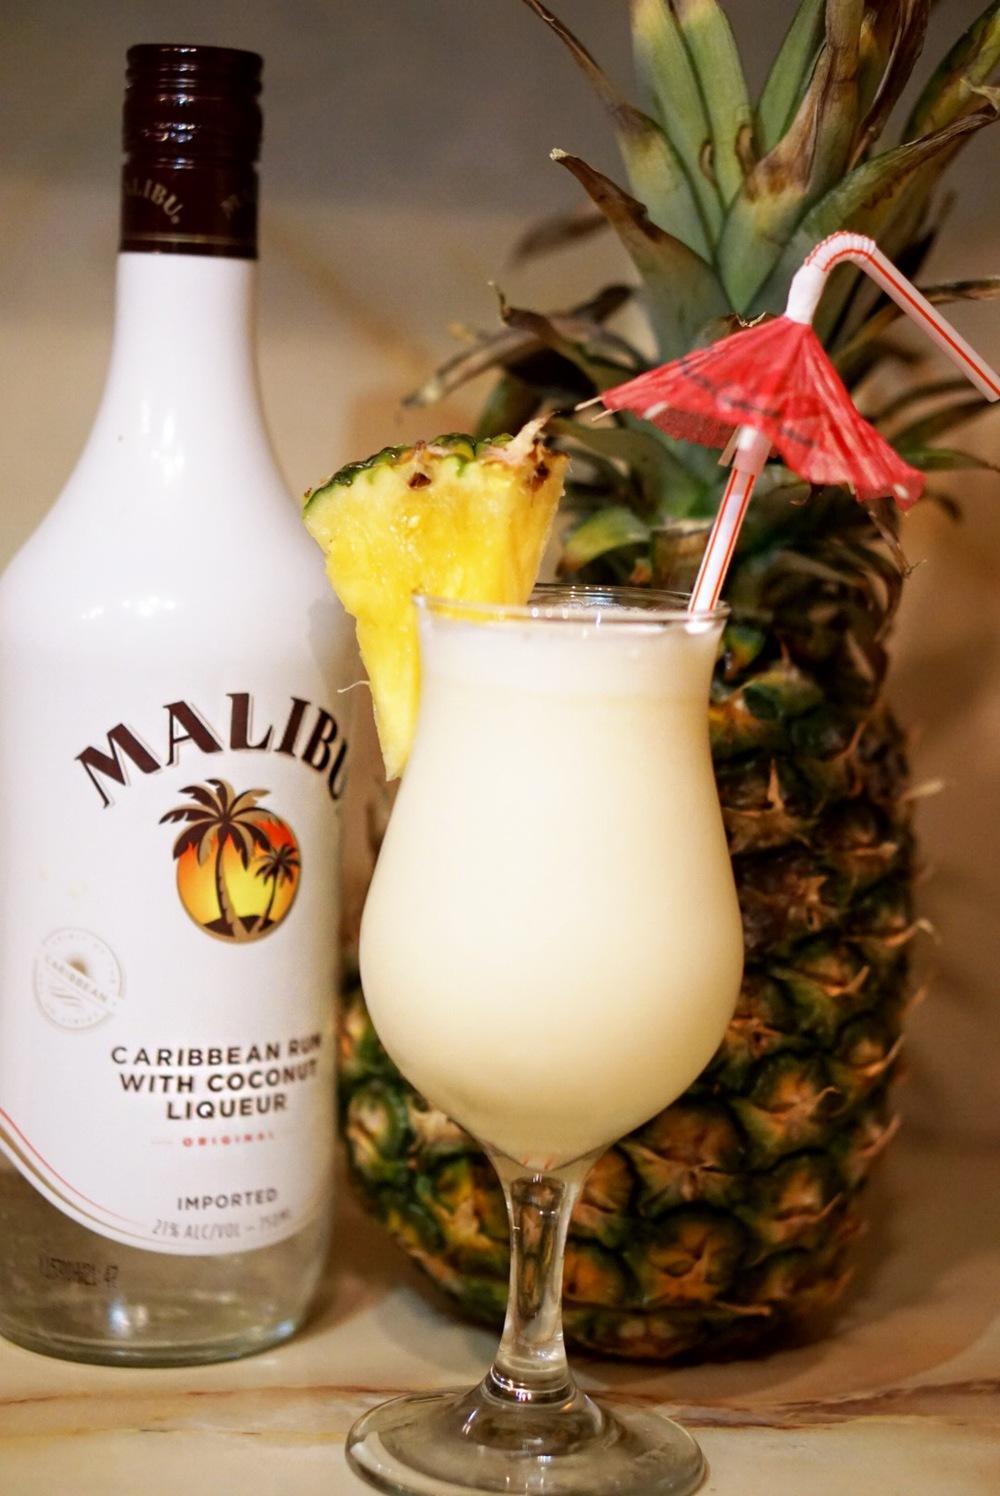 Malibu Pineapple Colada